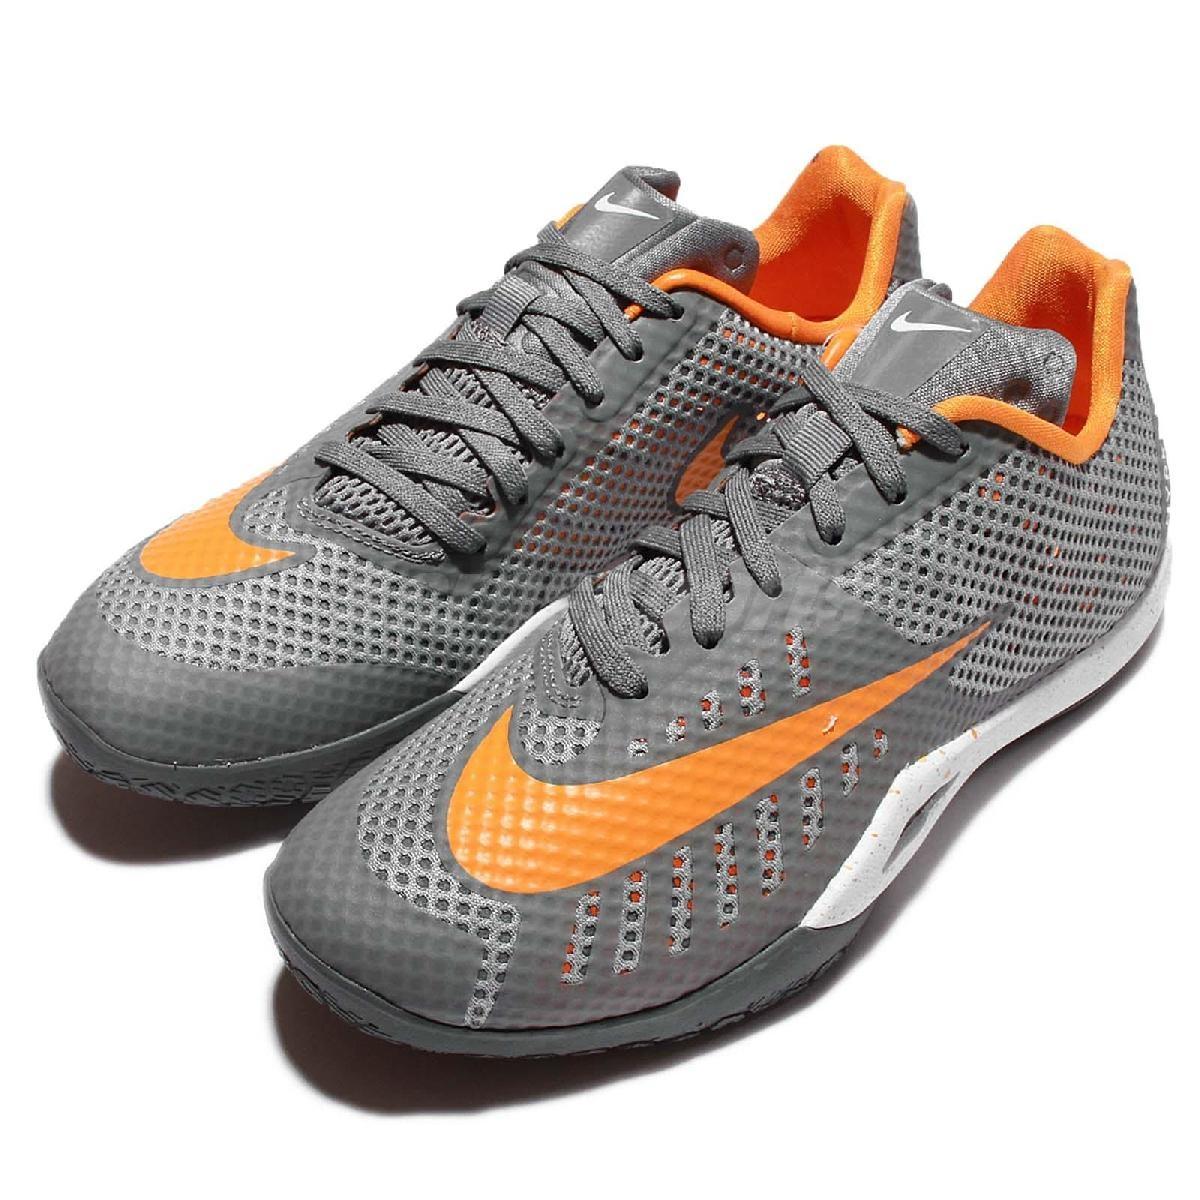 Nike籃球鞋Hyperlive EP灰橘XDR耐磨大底避震鞋墊男鞋PUMP306 820284-011